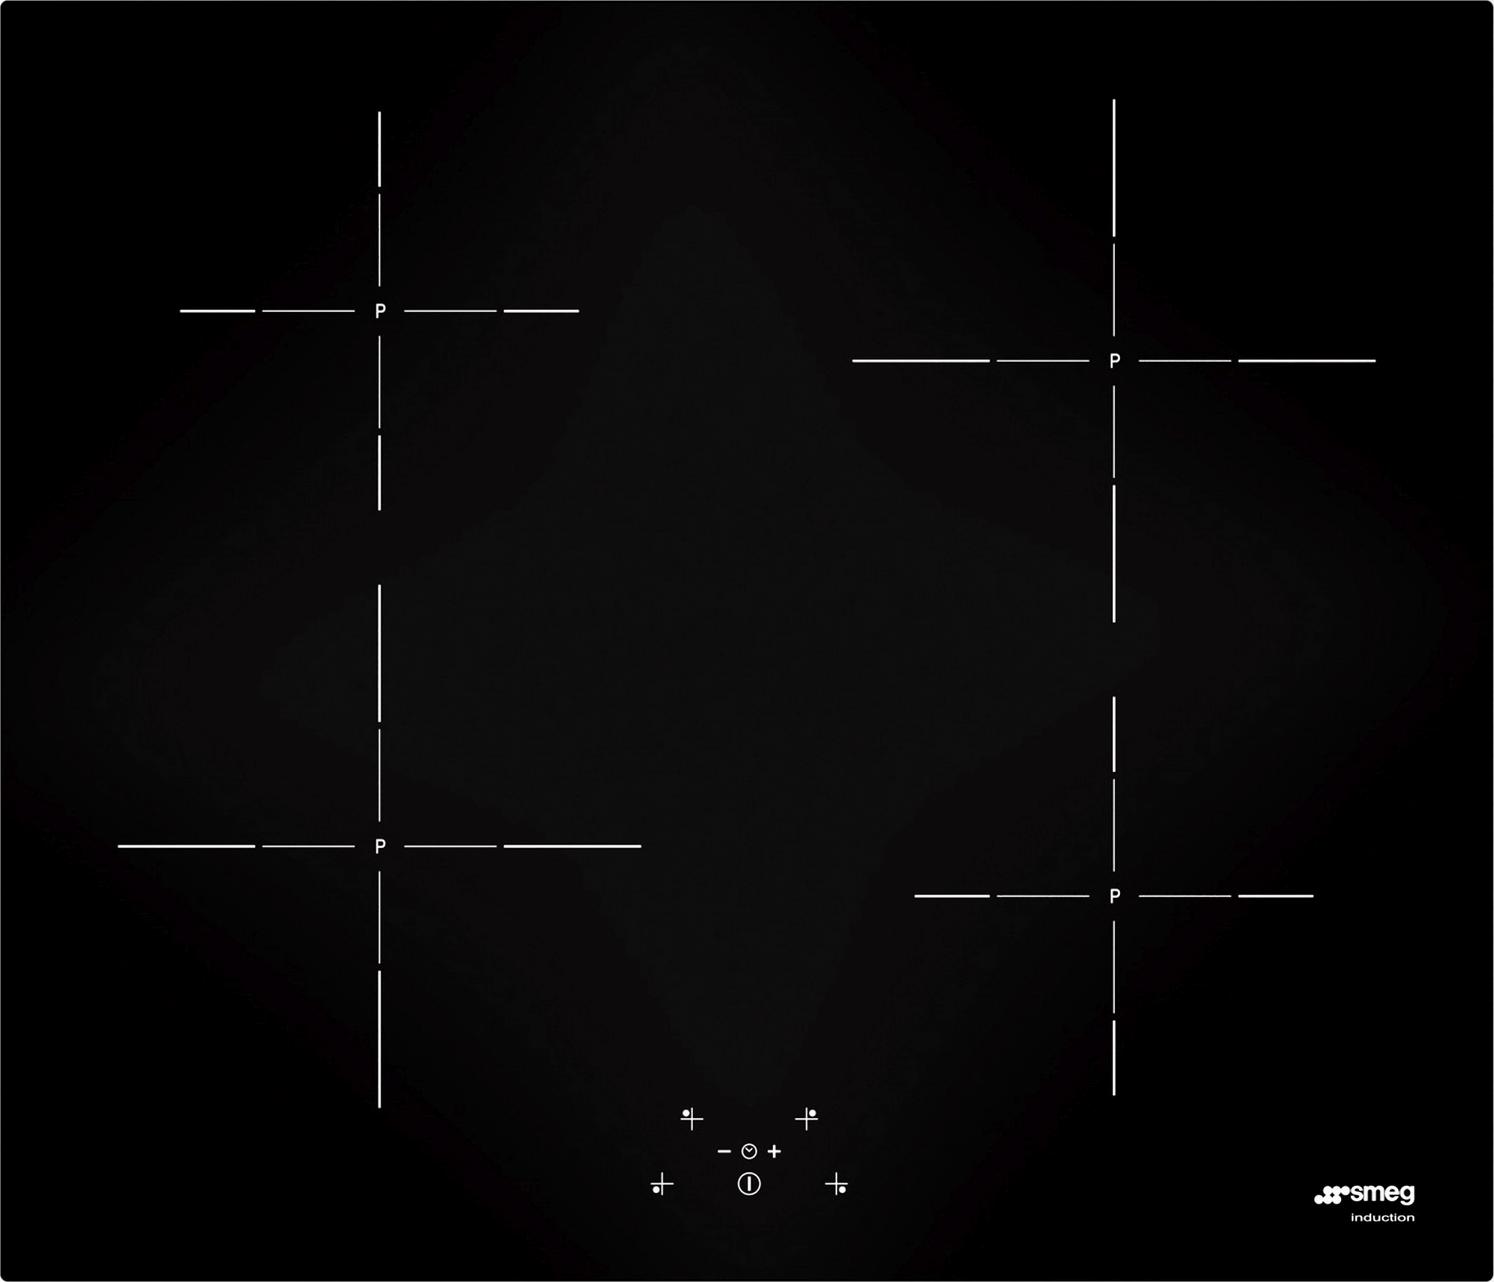 Smeg SI5643D inductie kookplaat - vlak inbouw